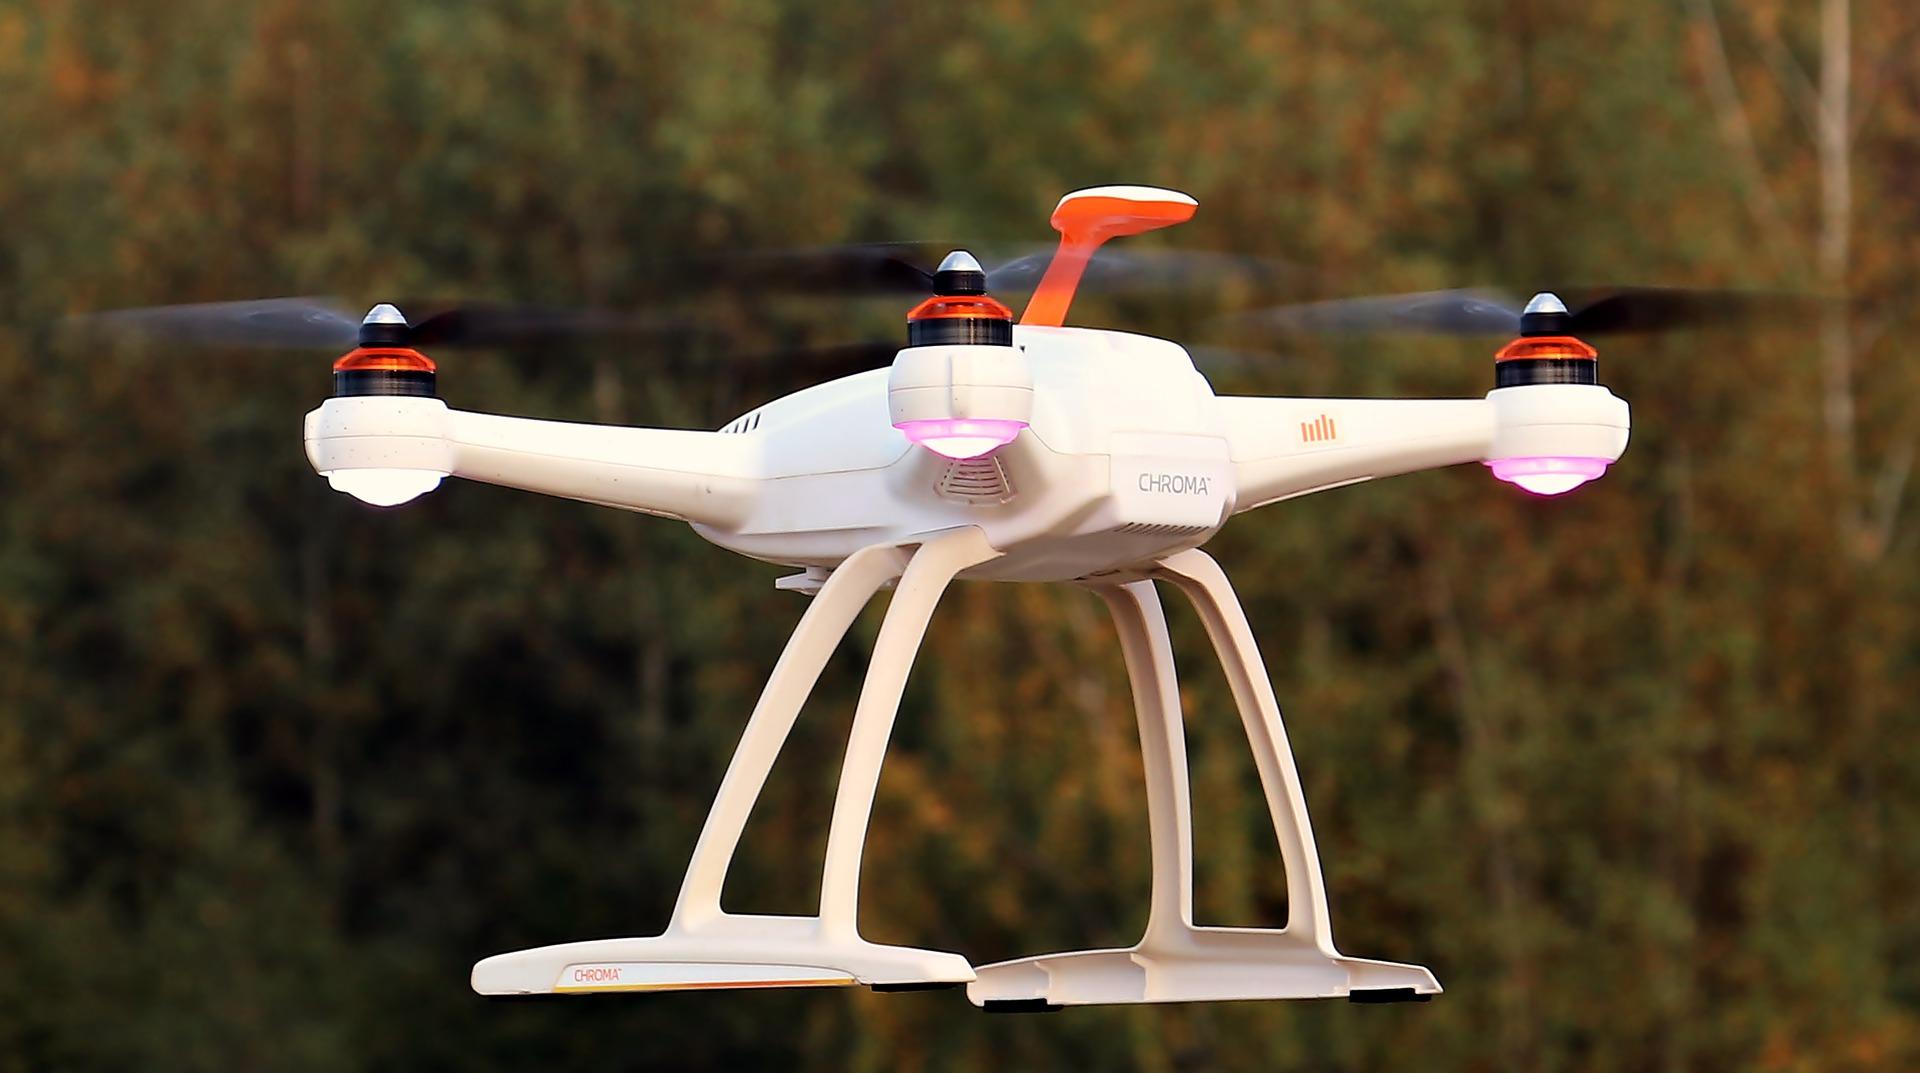 Manfaat teknologi drone untuk sektor pertanian